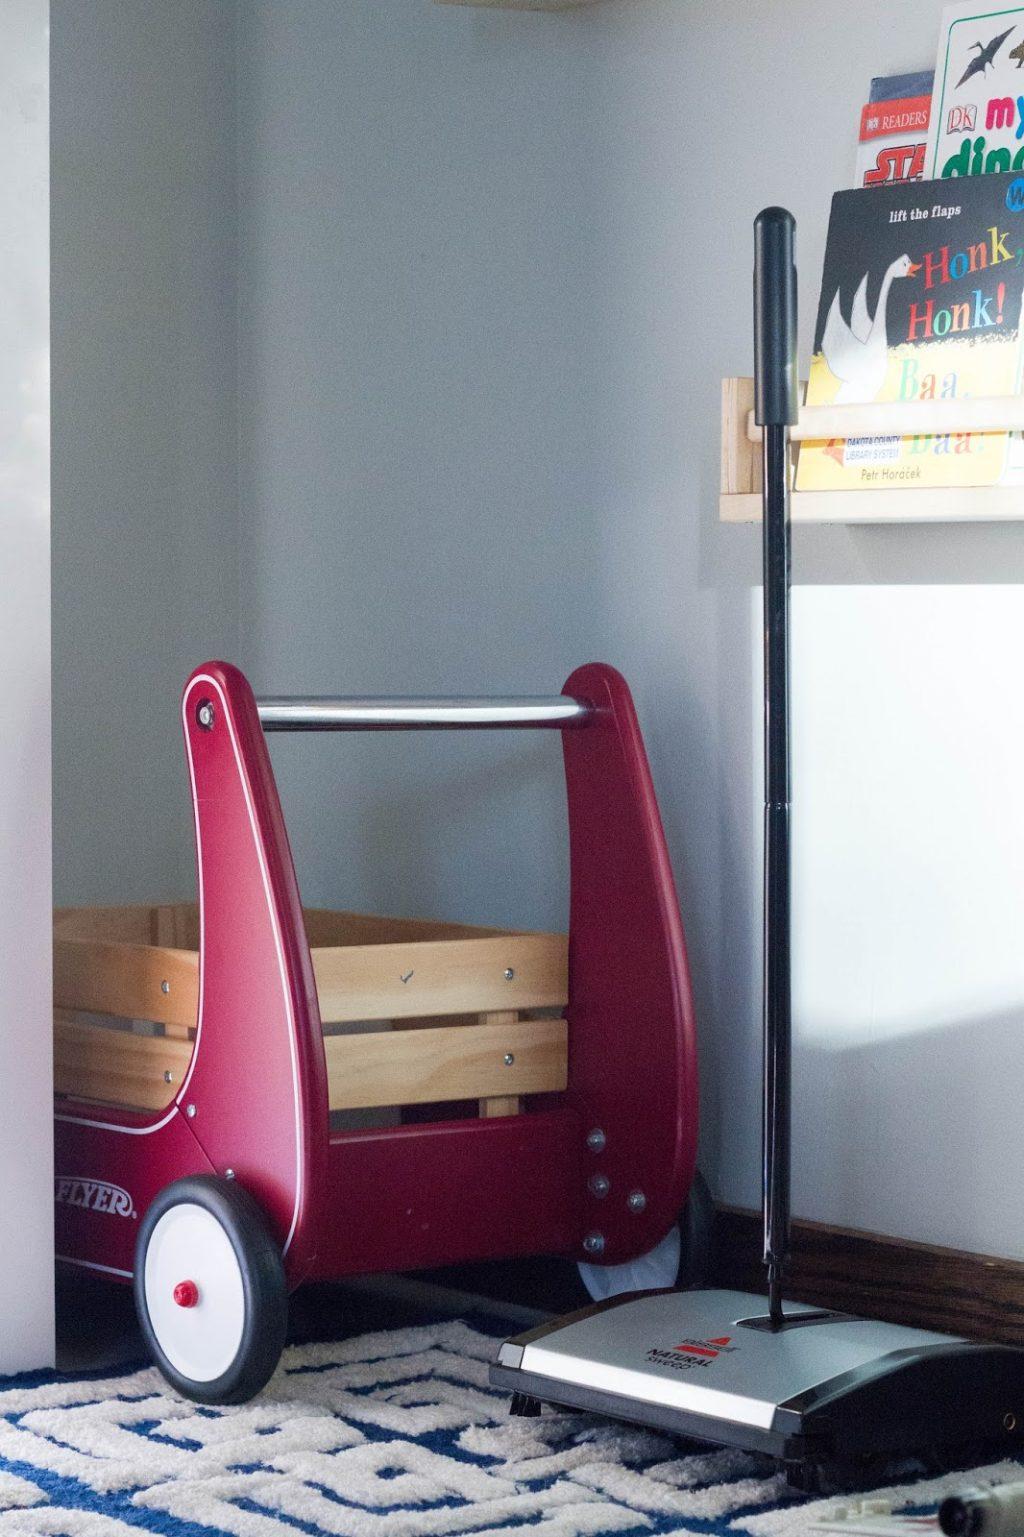 Монтессори-комната для разновозрастных детей идеи